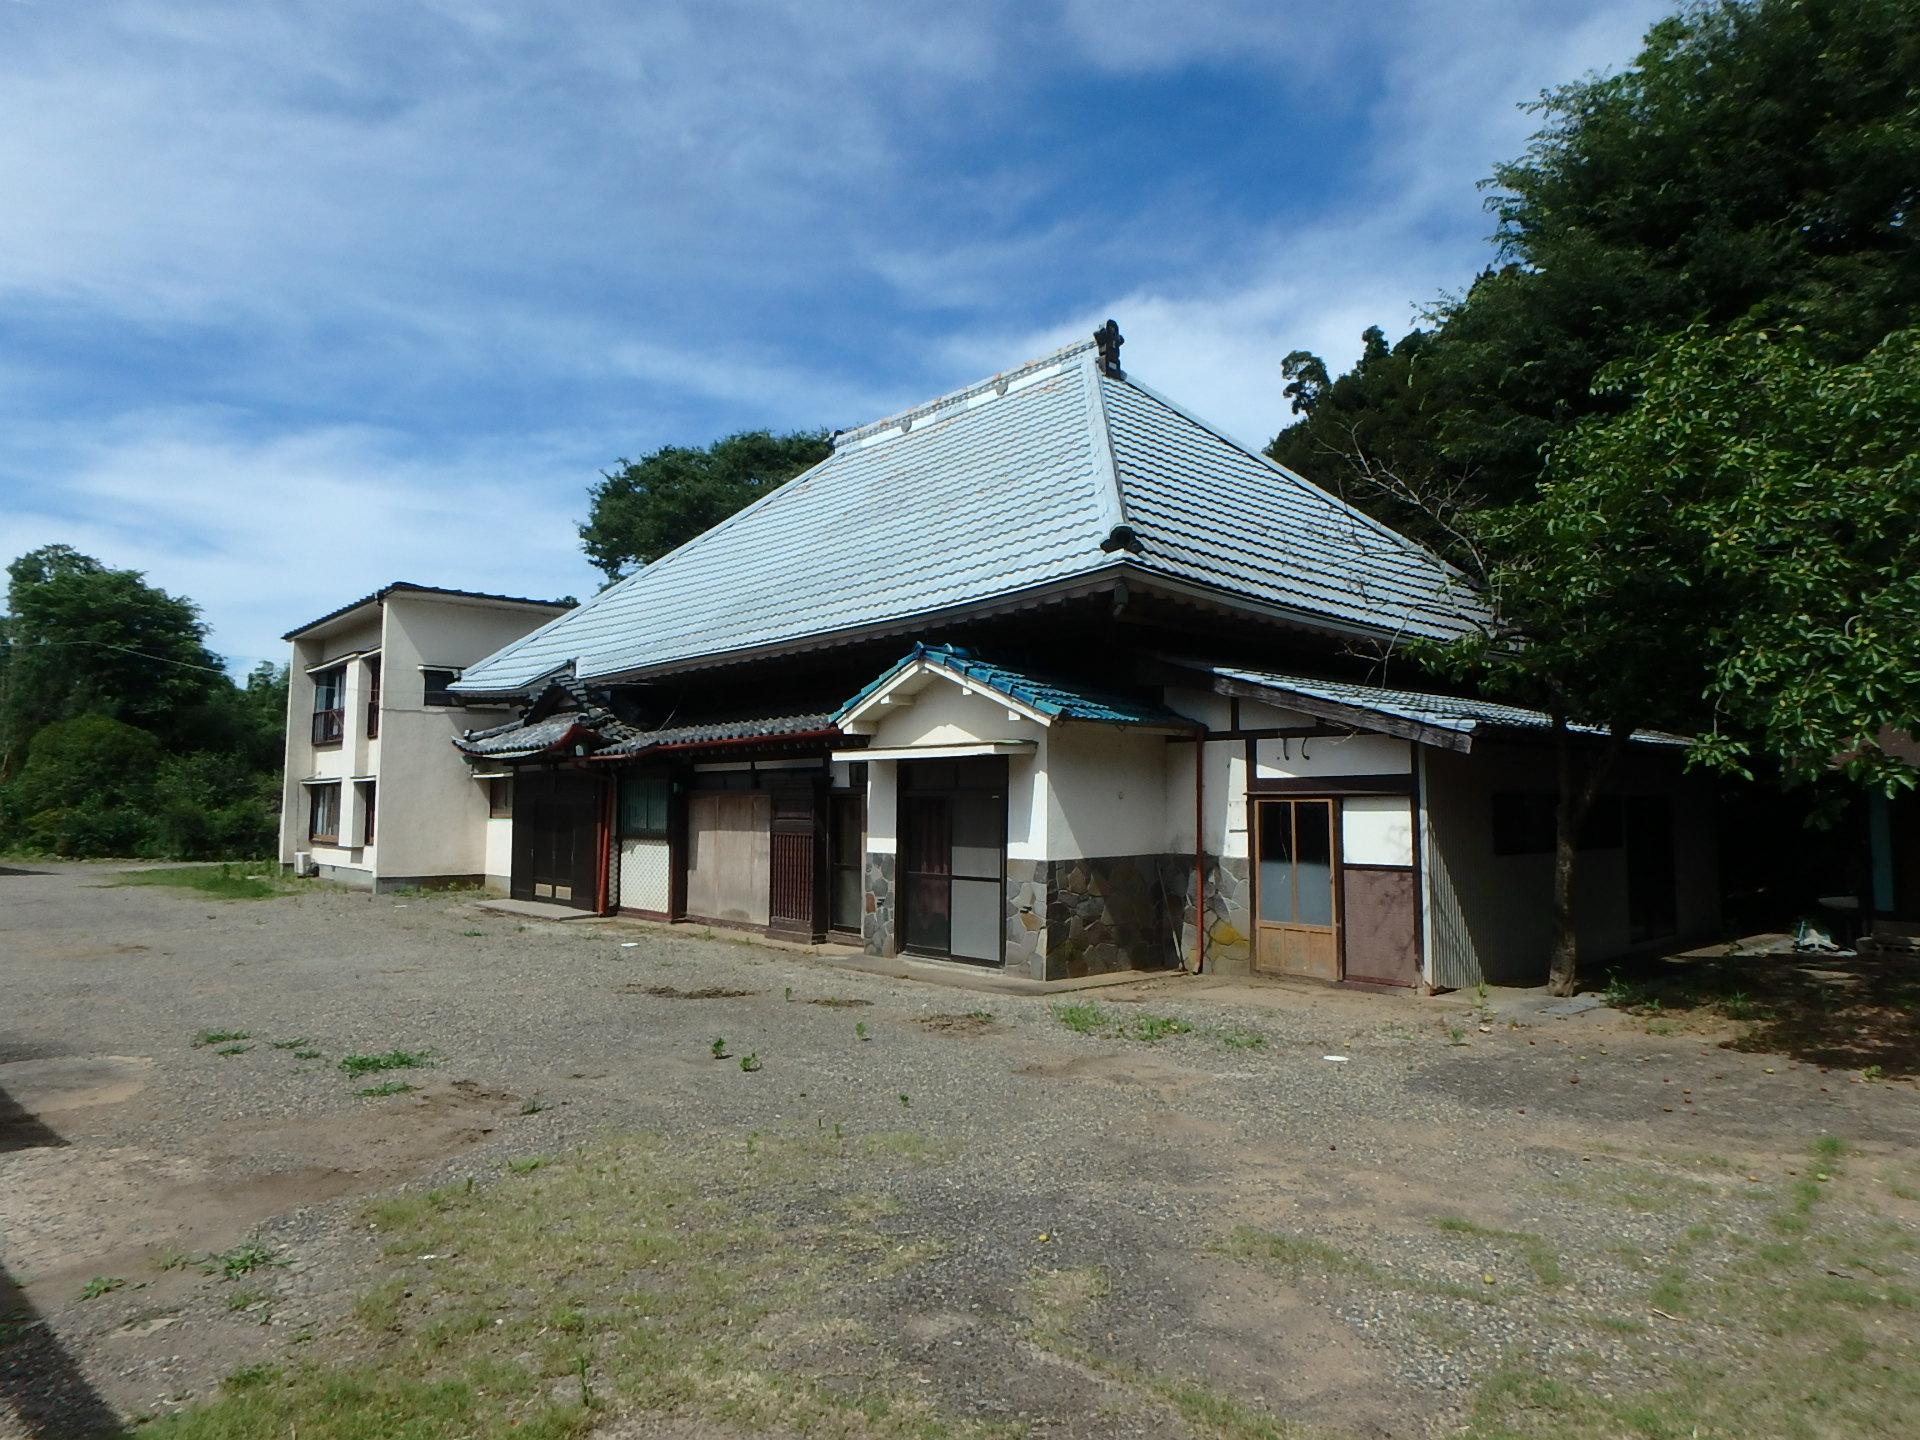 千葉県袖ケ浦市三箇の古民家 房総の古民家物件、田舎暮らし